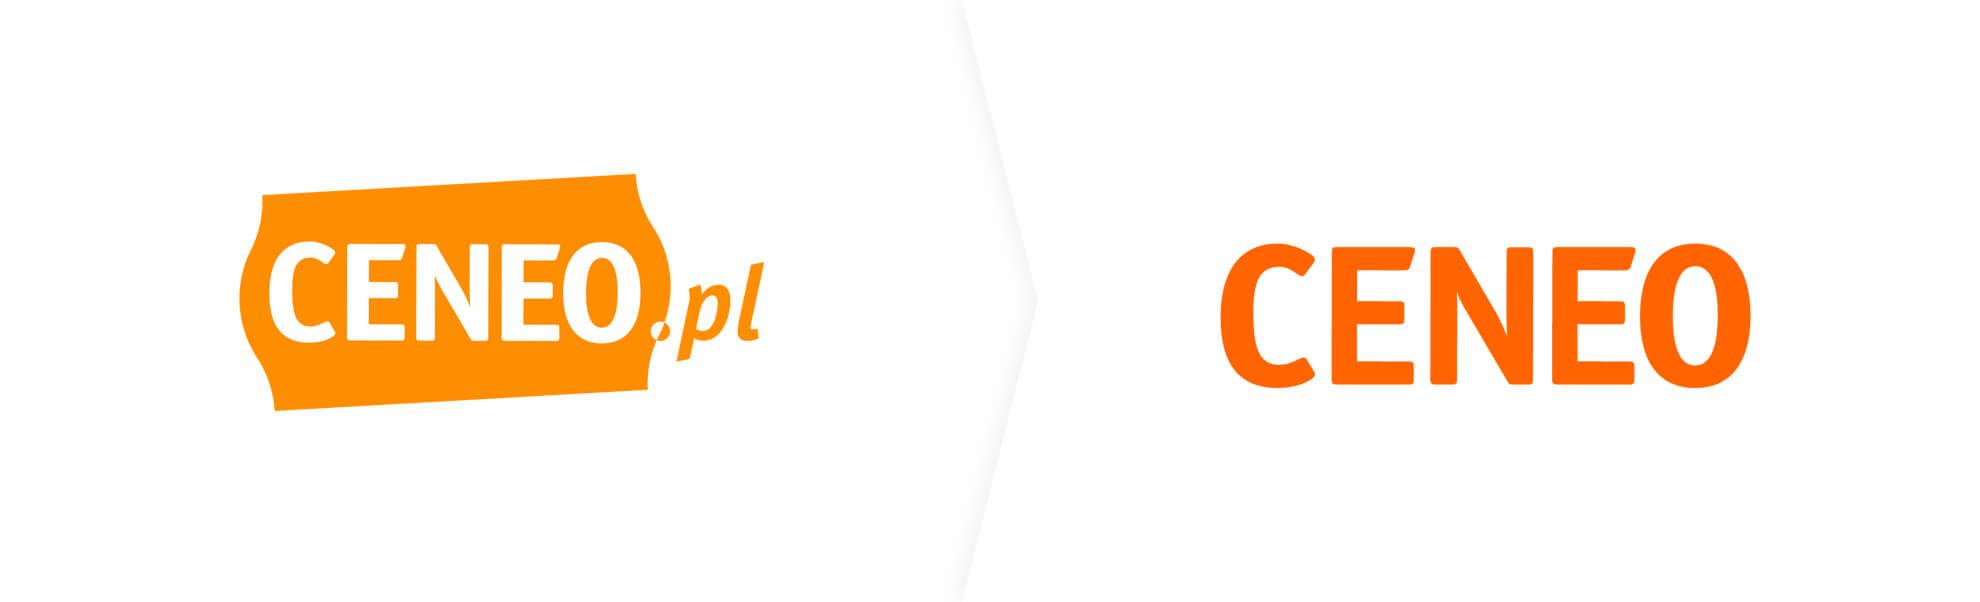 ceneo rebranding